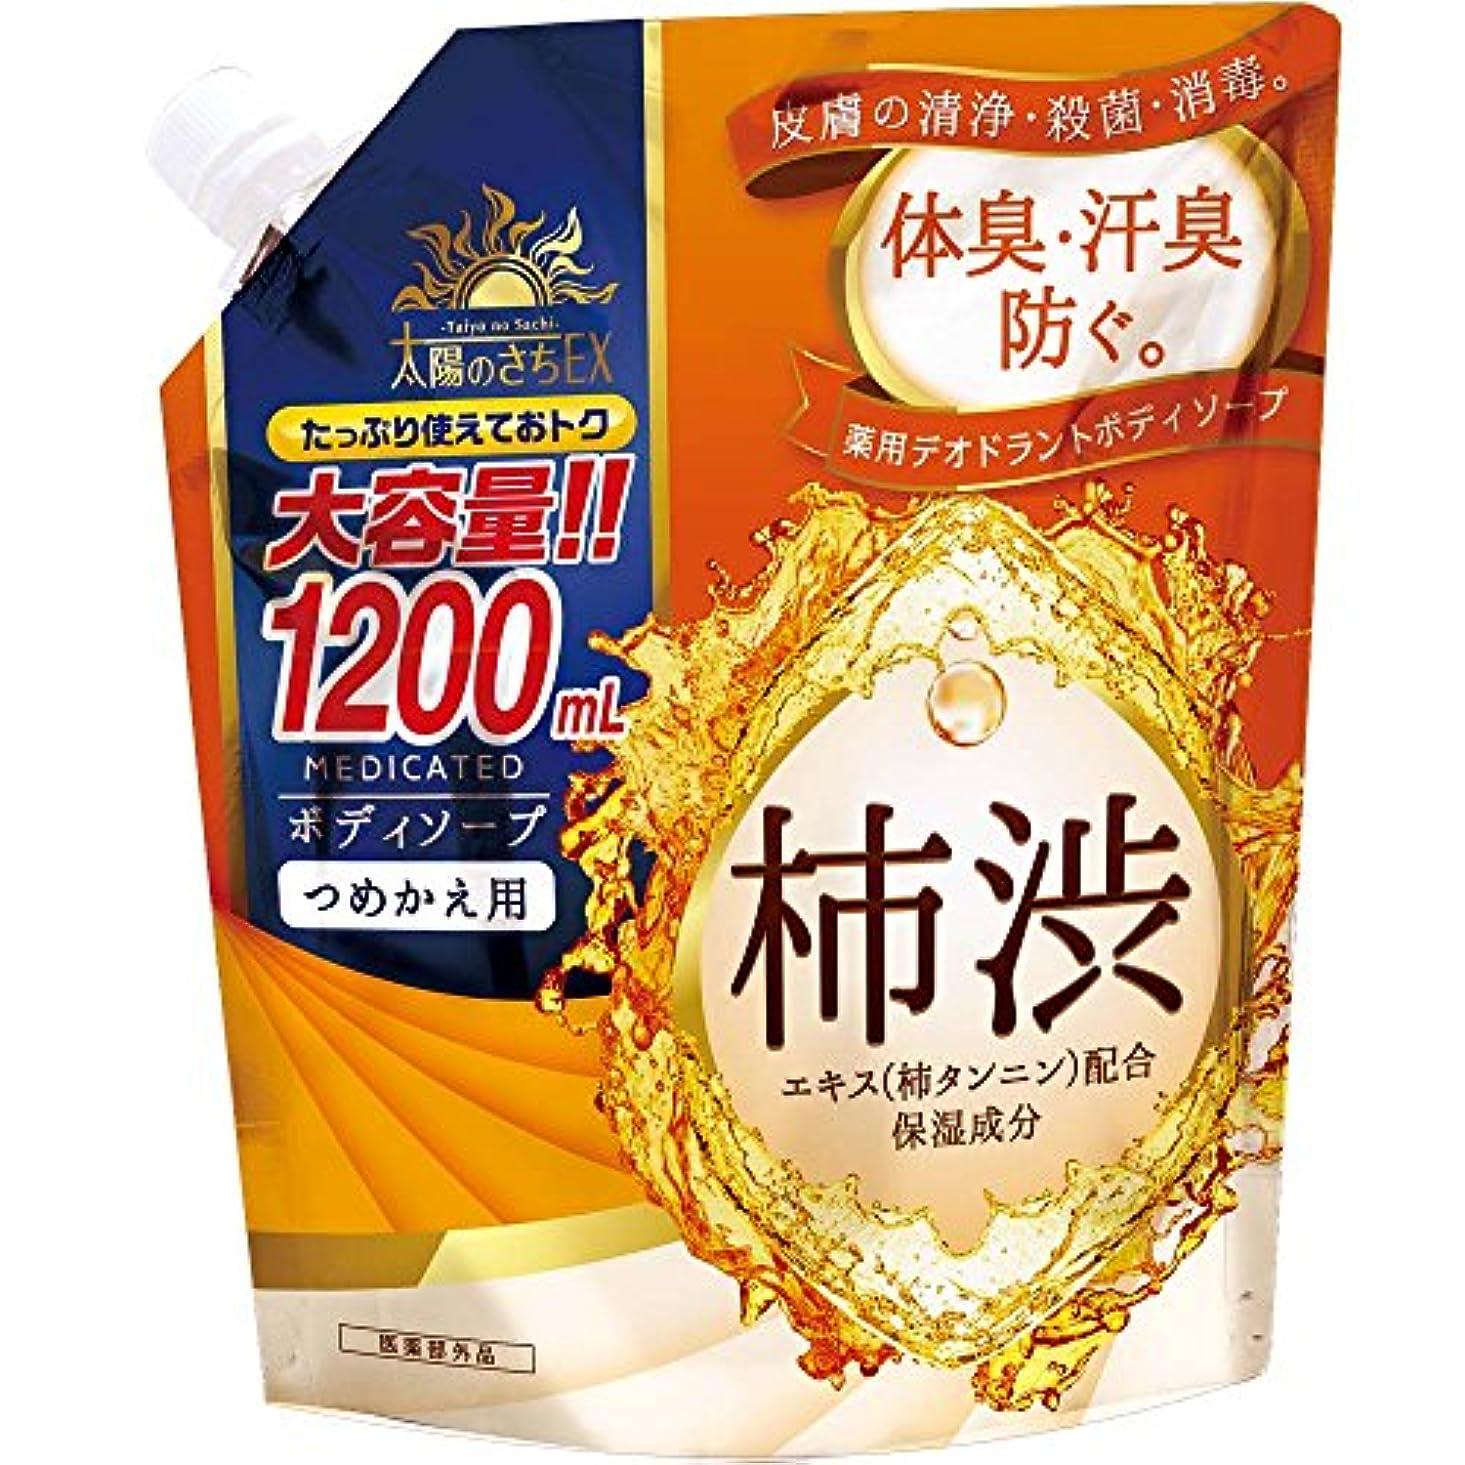 じゃないフィードオンシャープ薬用太陽のさちEX柿渋ボディソープ 大容量 1200mL